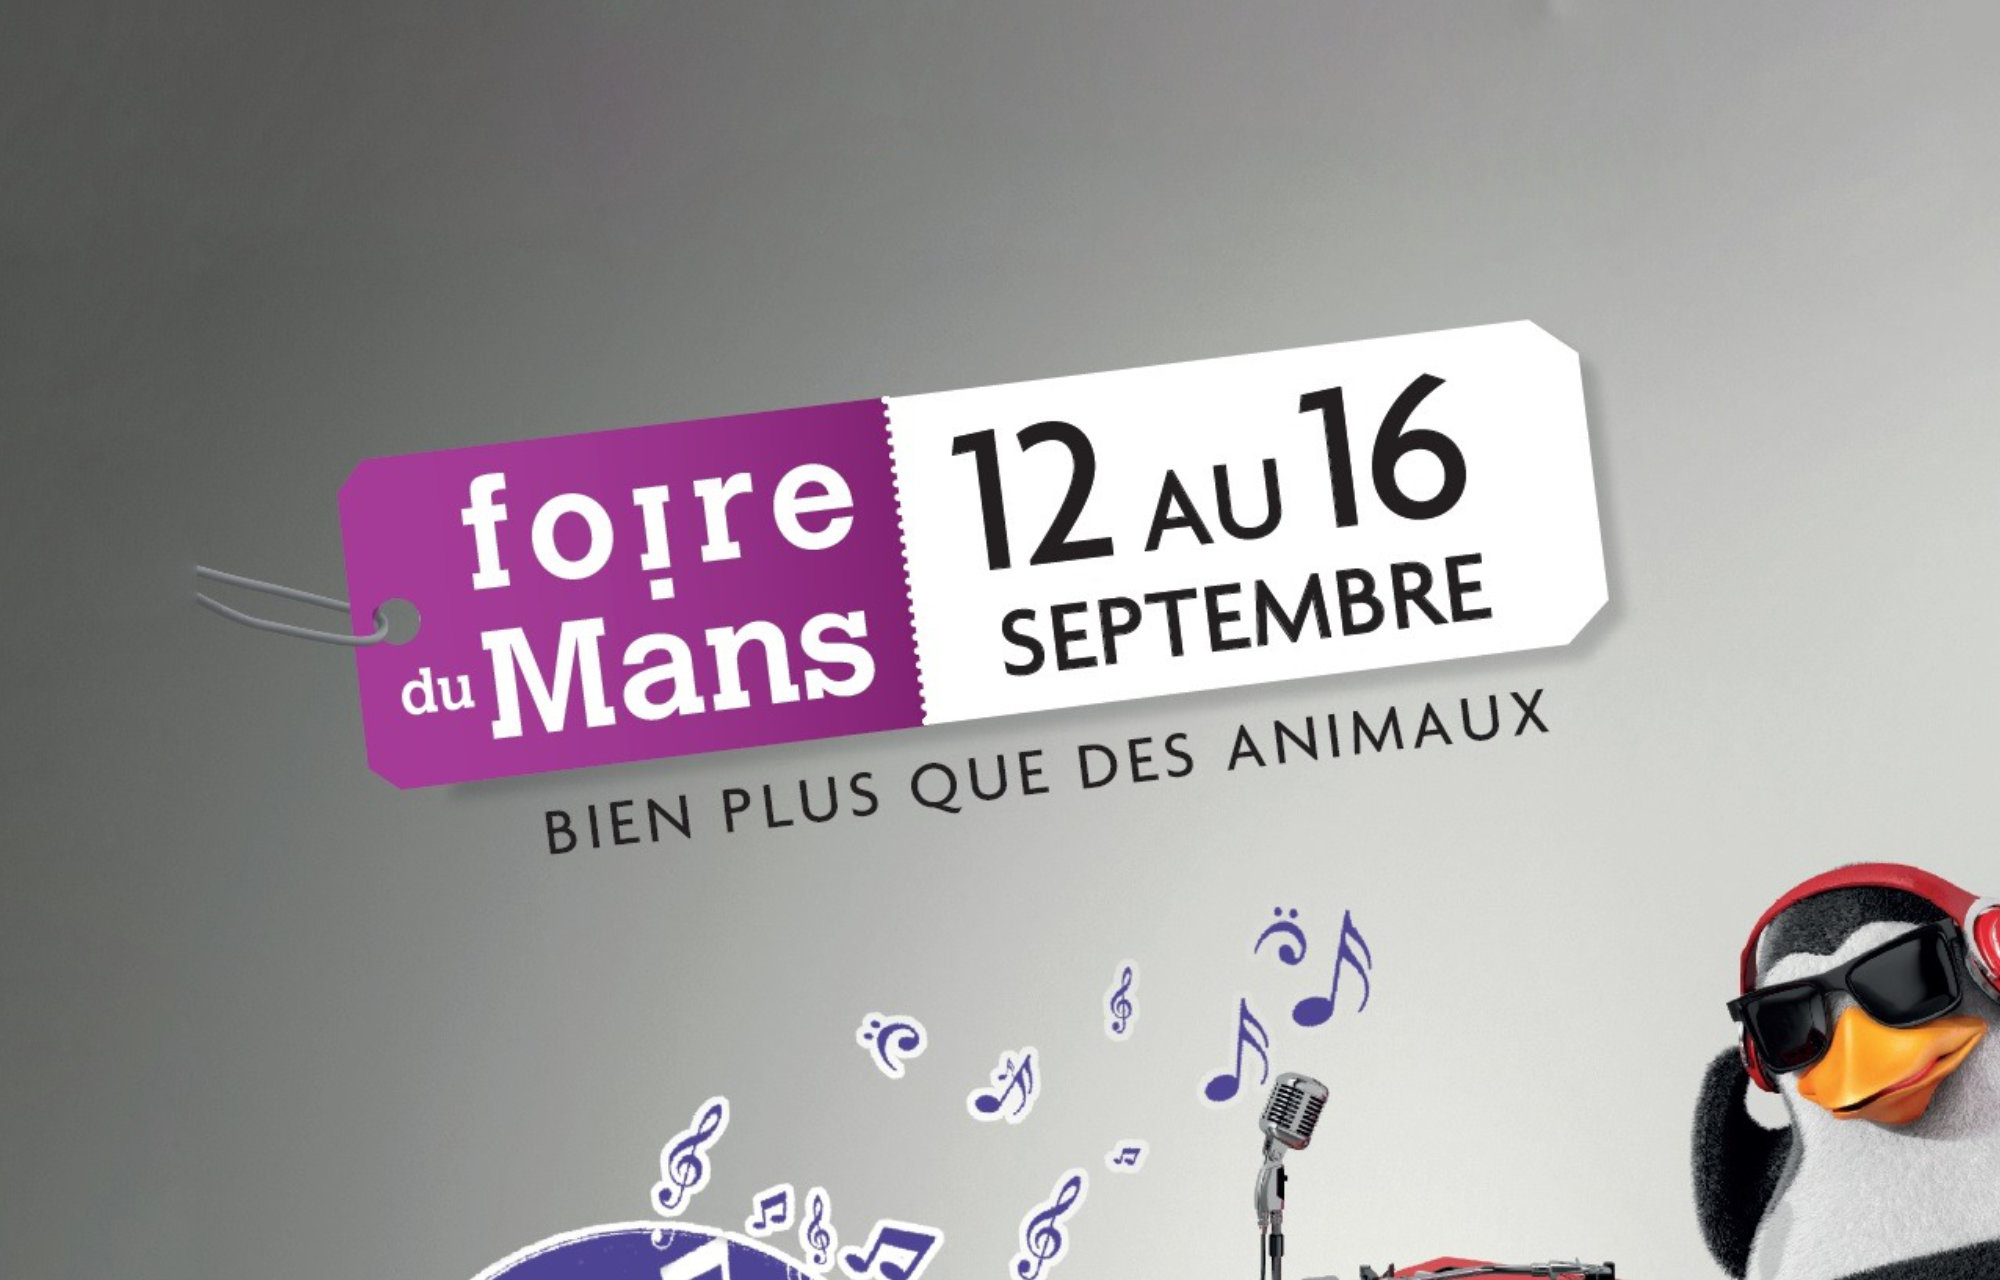 Retrouvez-nous à **la Foire du Mans** du 12 au 16 Septembre !